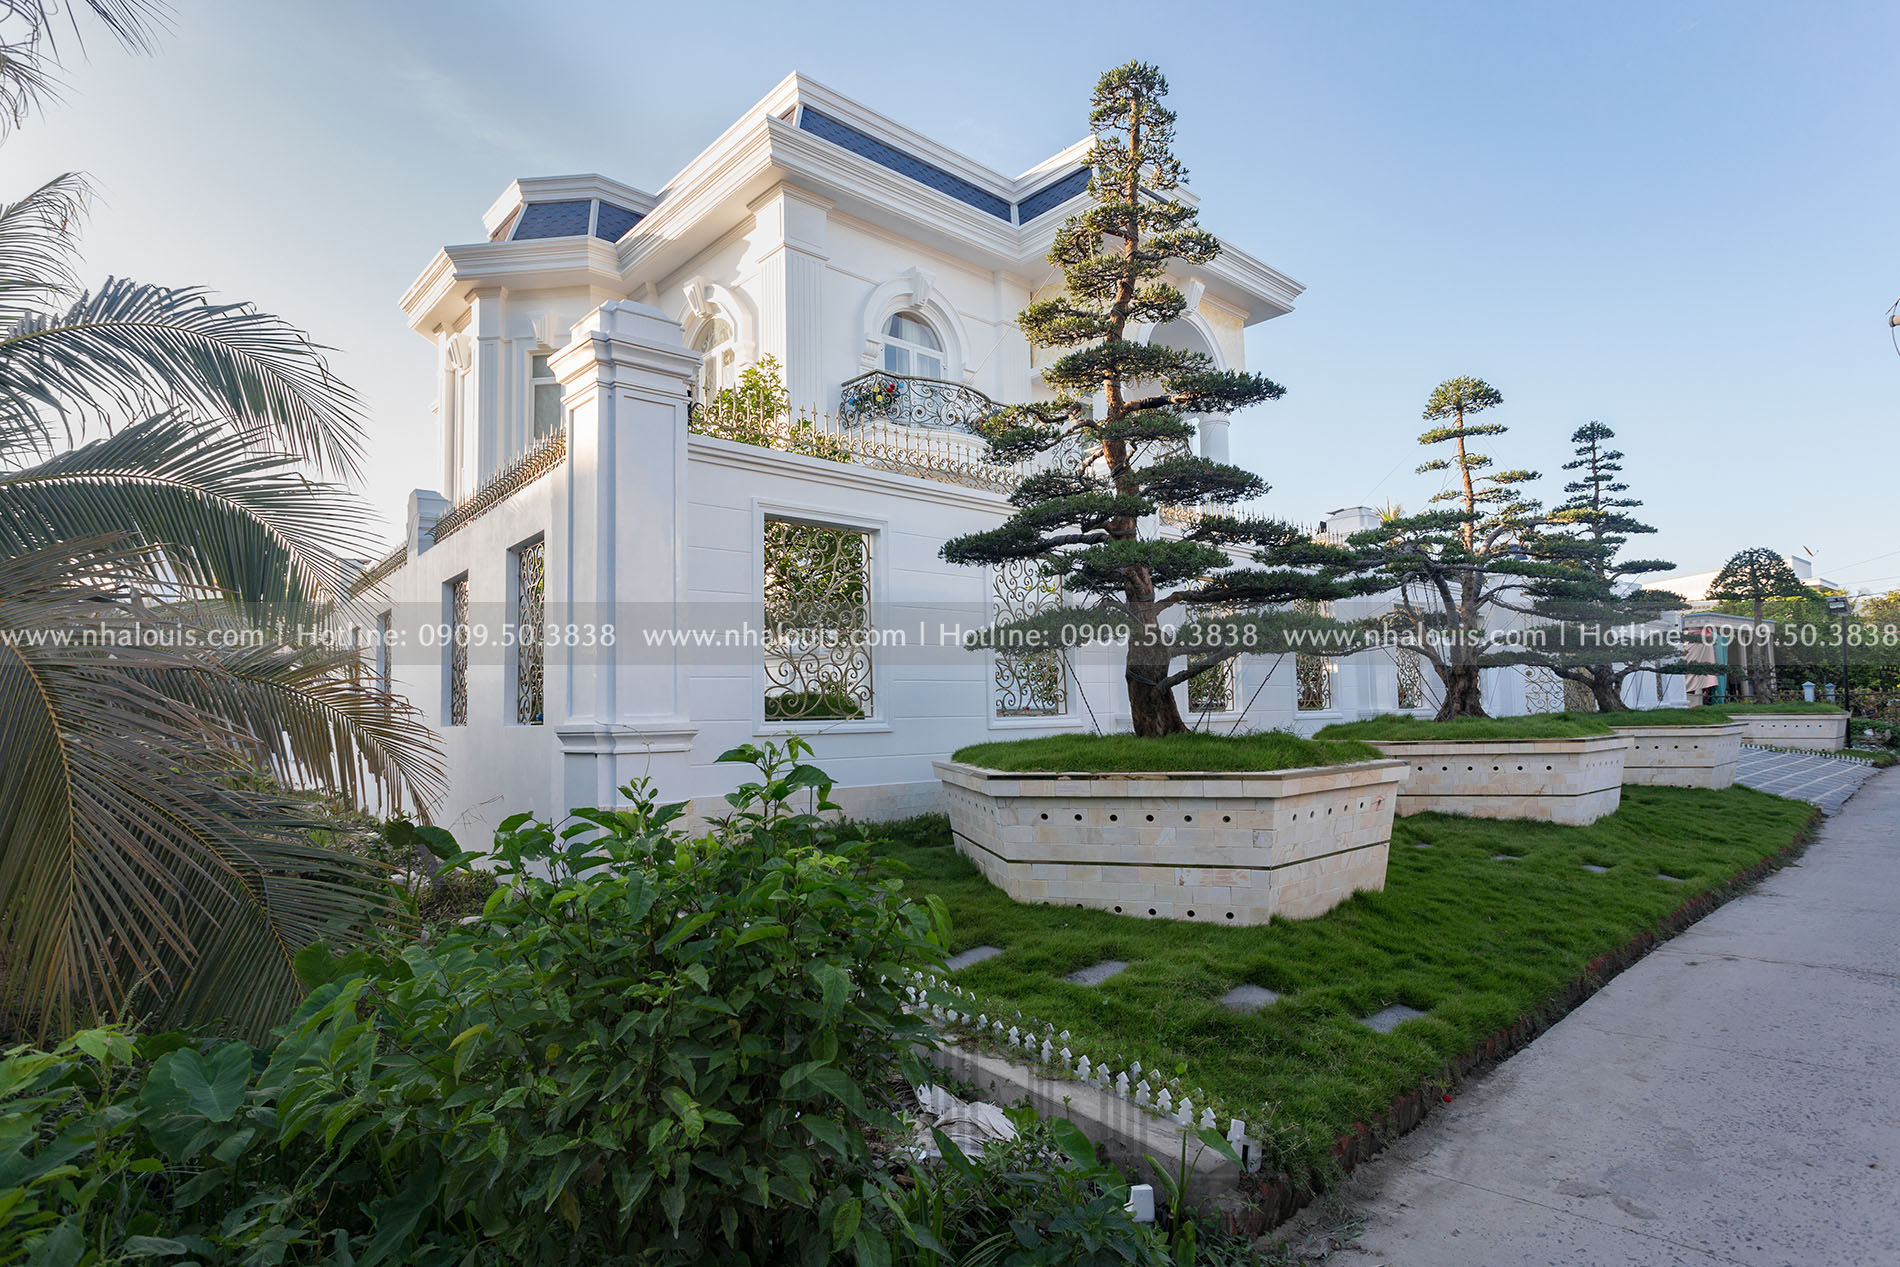 Thi công biệt thự 2 tầng tân cổ điển đẹp tại Tiền Giang